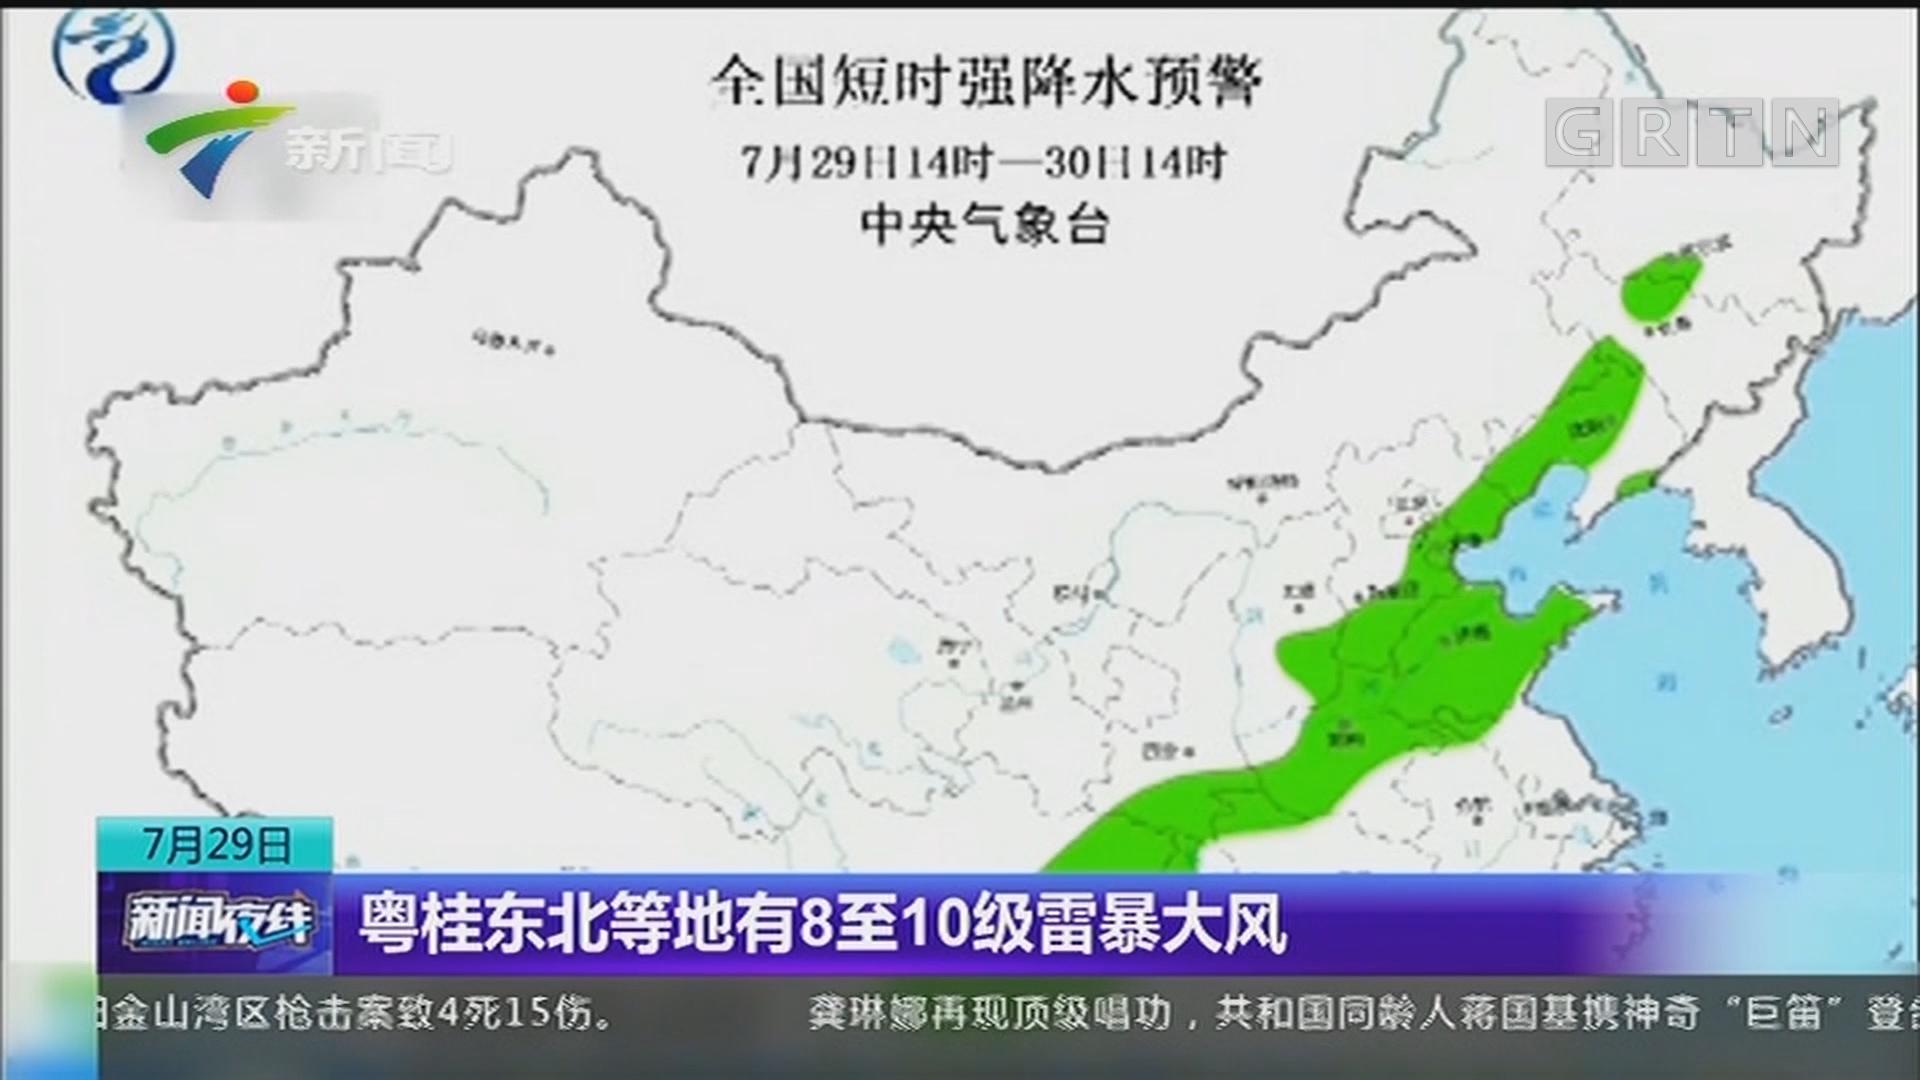 粤桂东北等地有8至10级雷暴大风